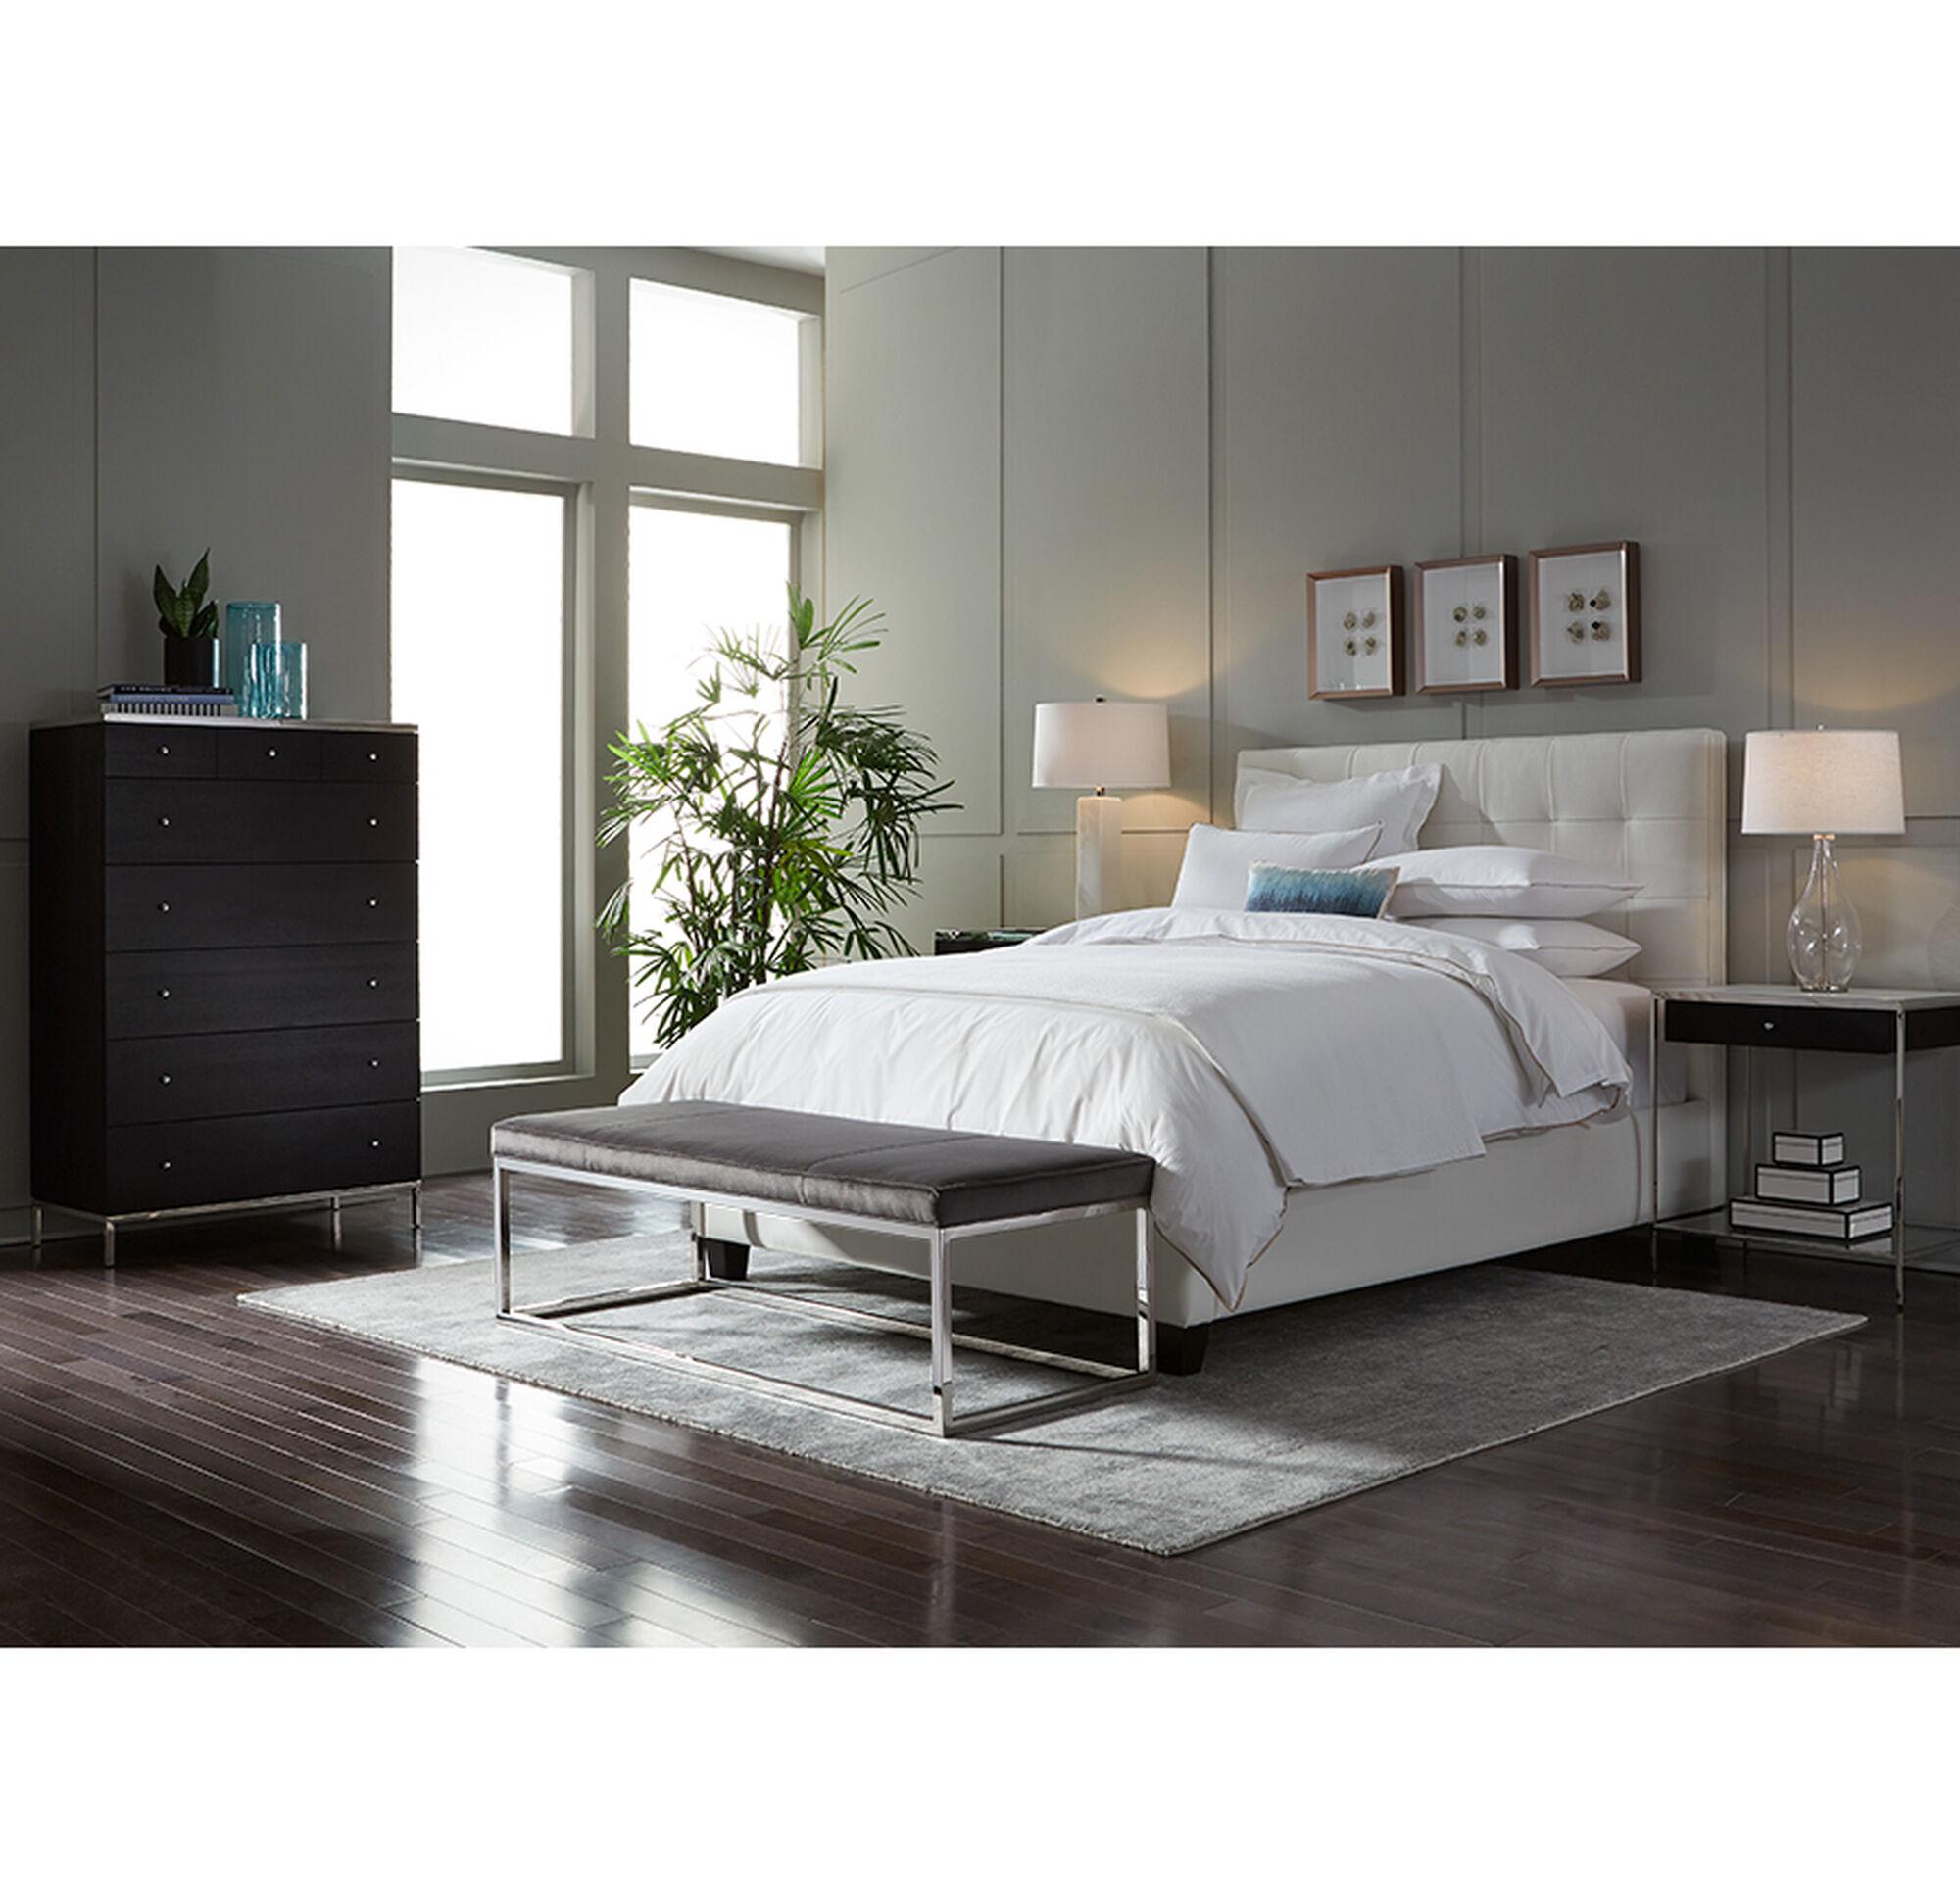 butler queen storage platform bed combo -